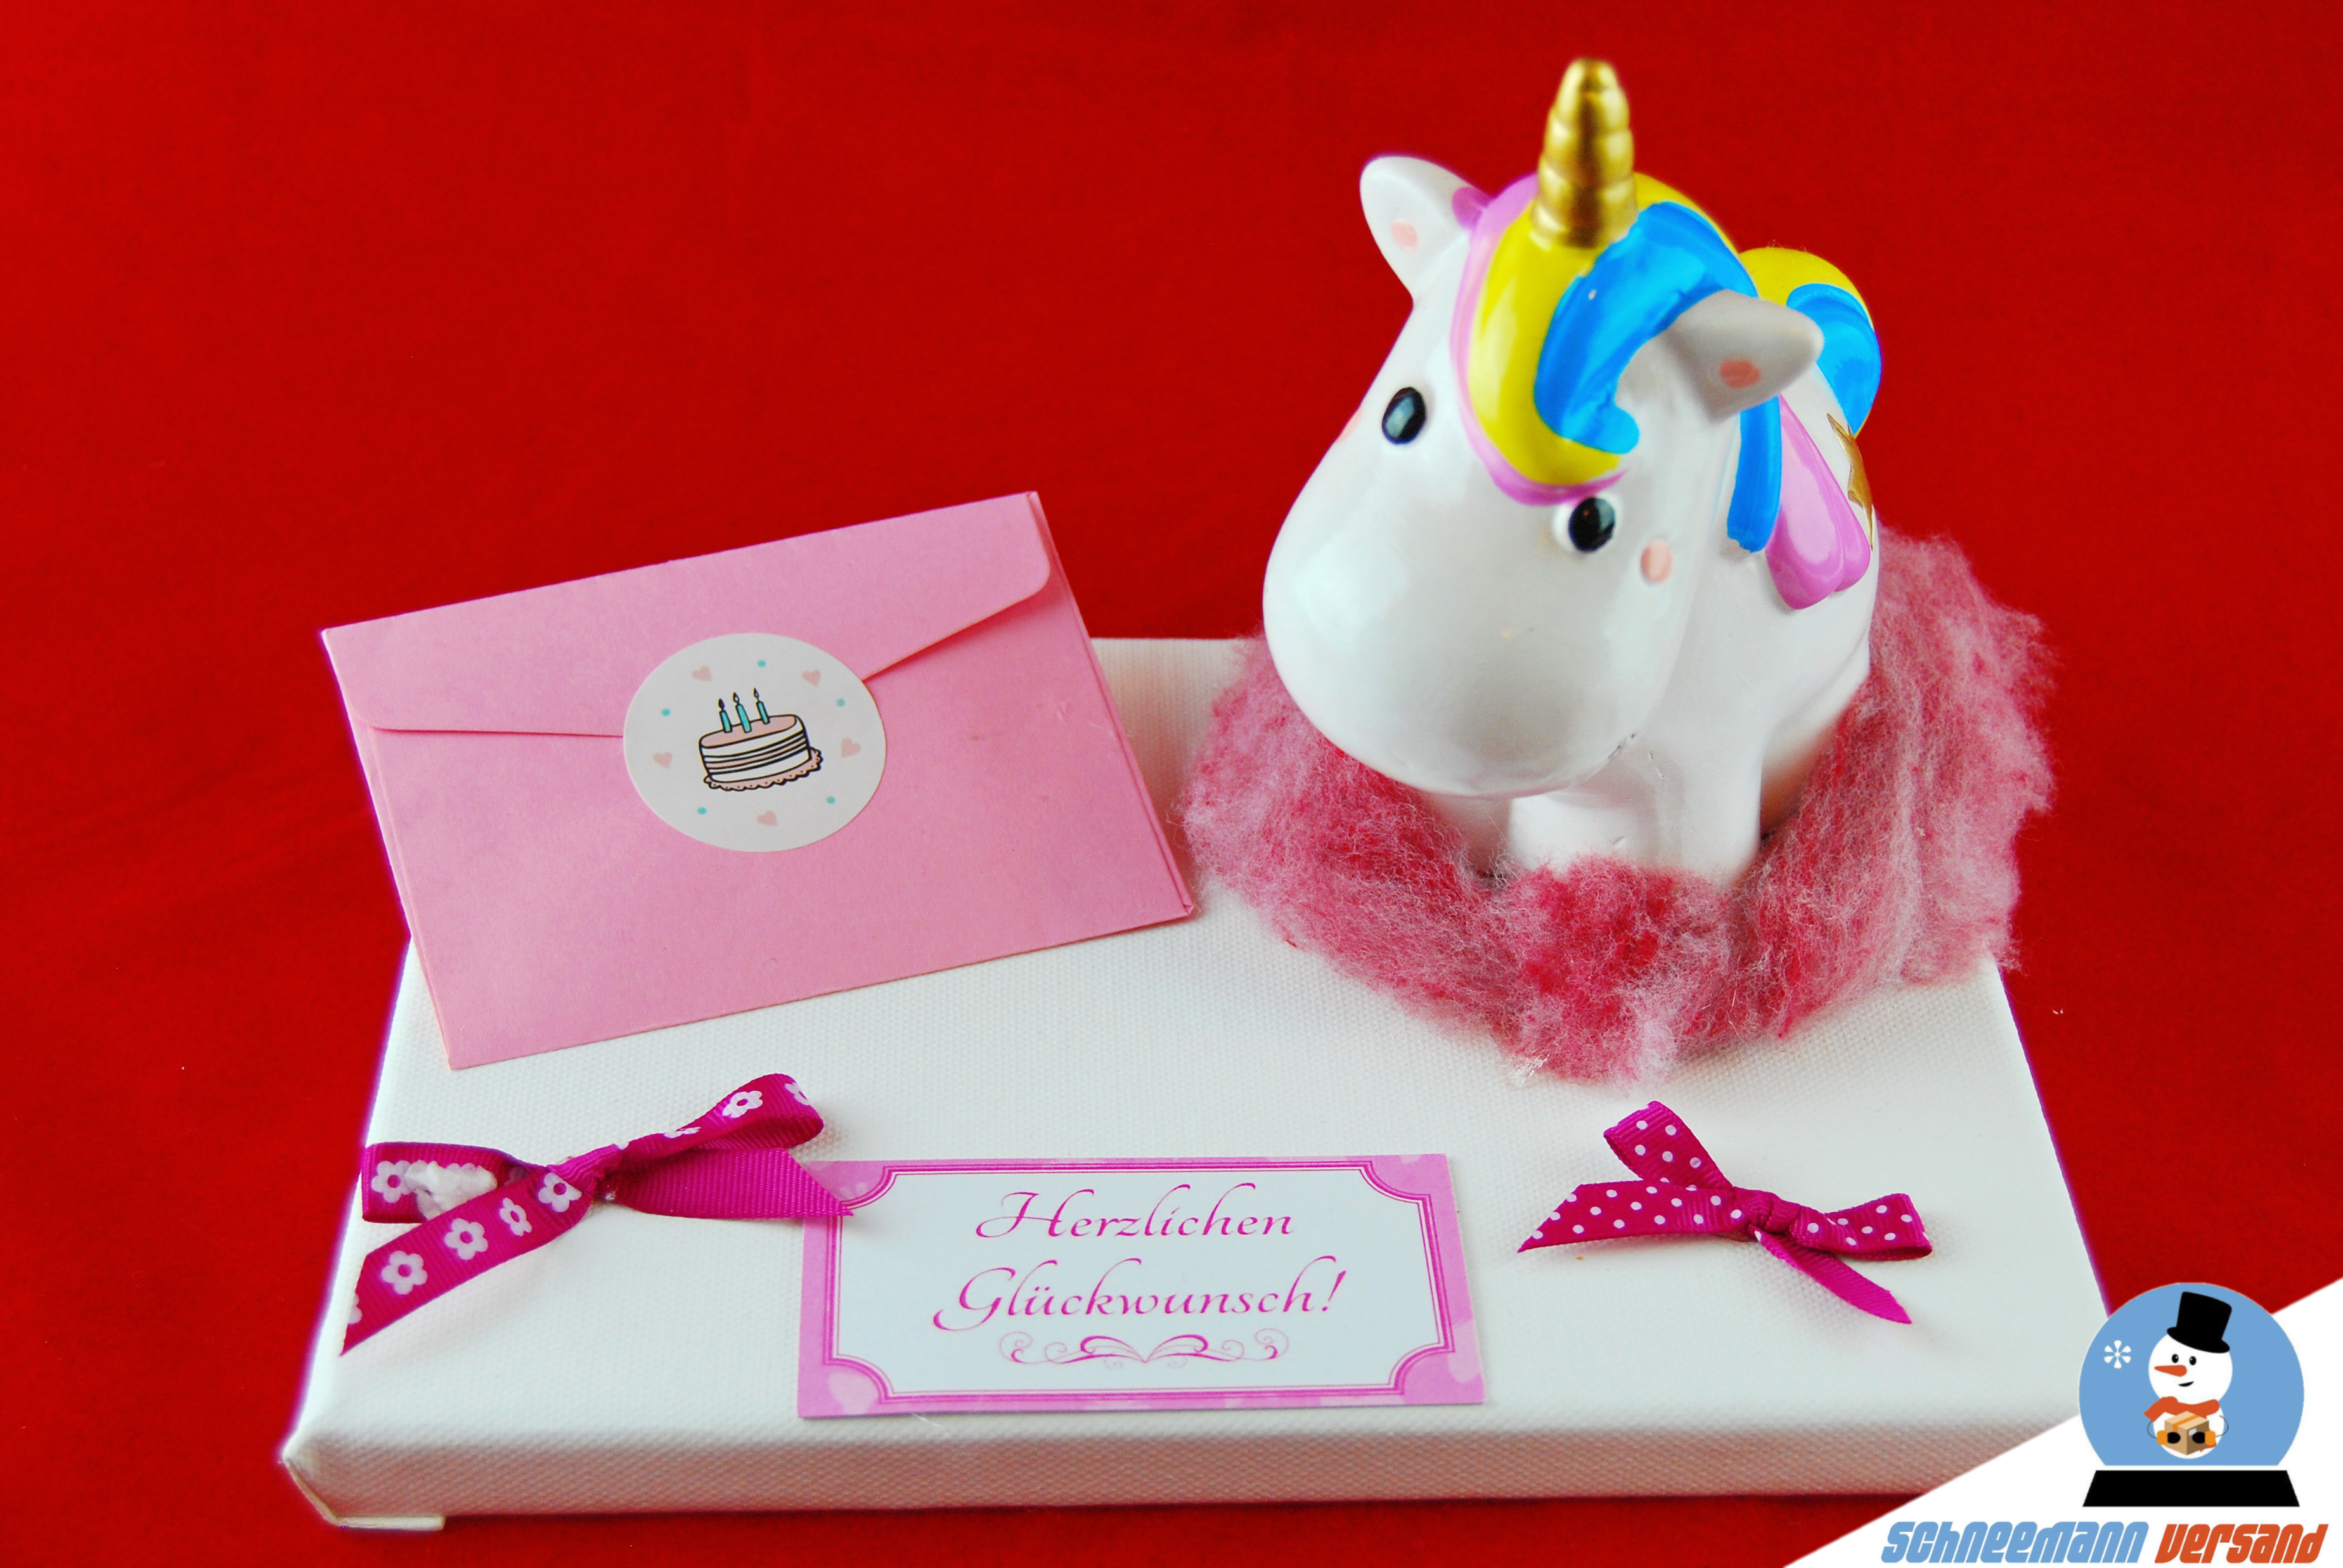 Geld Geschenk Einhorn Kinder Geburtstag Taufe Geburt Feier Madchen Spardose Cool